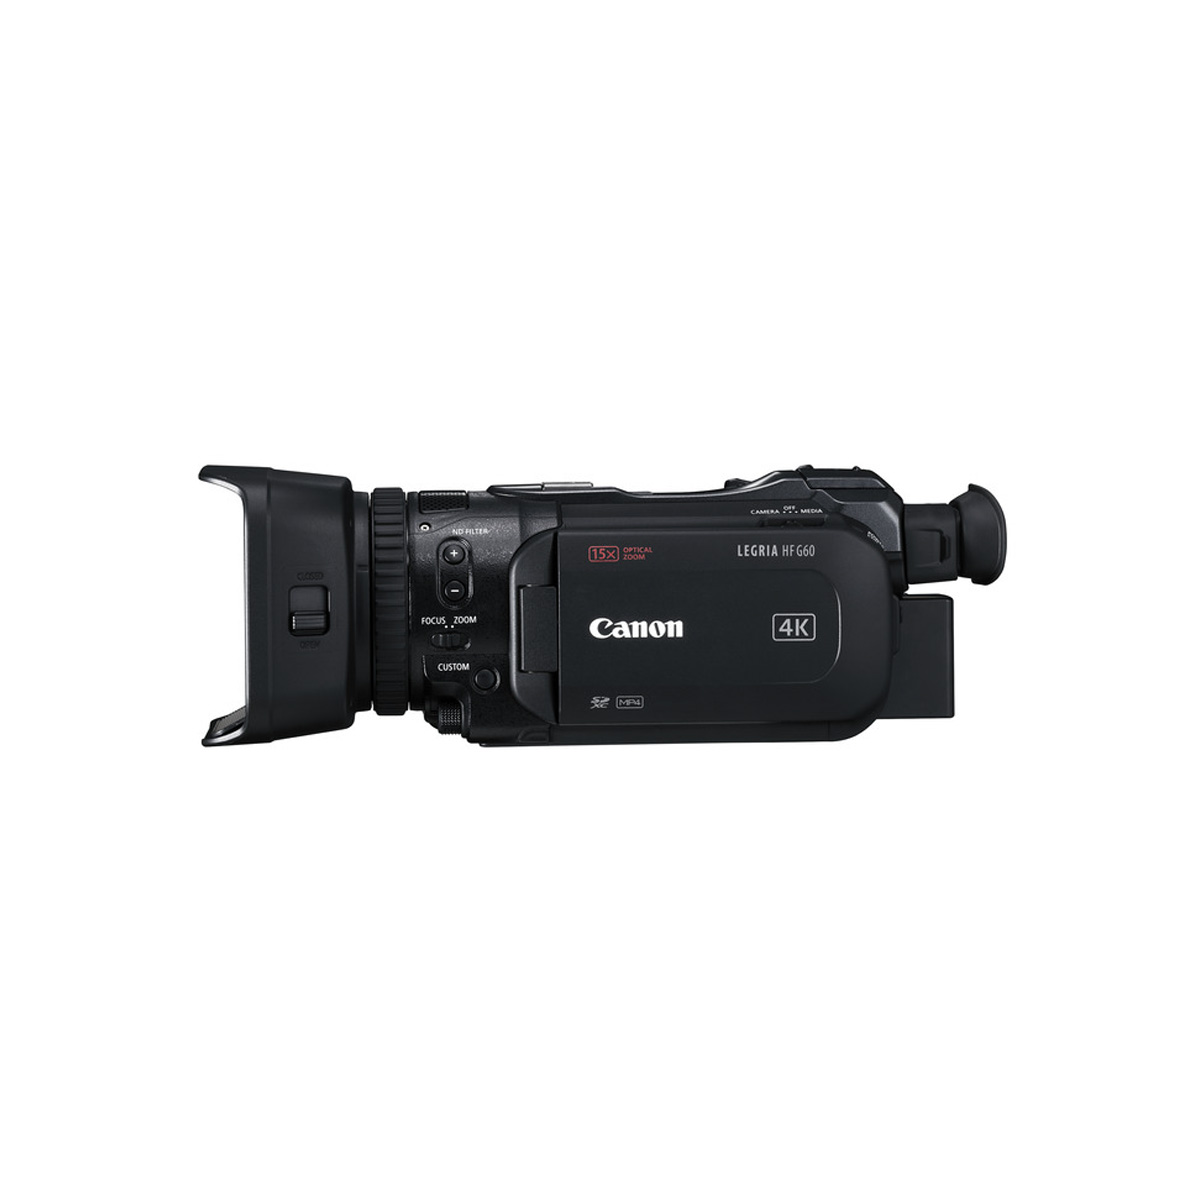 Canon HF-G 60 Camcorder